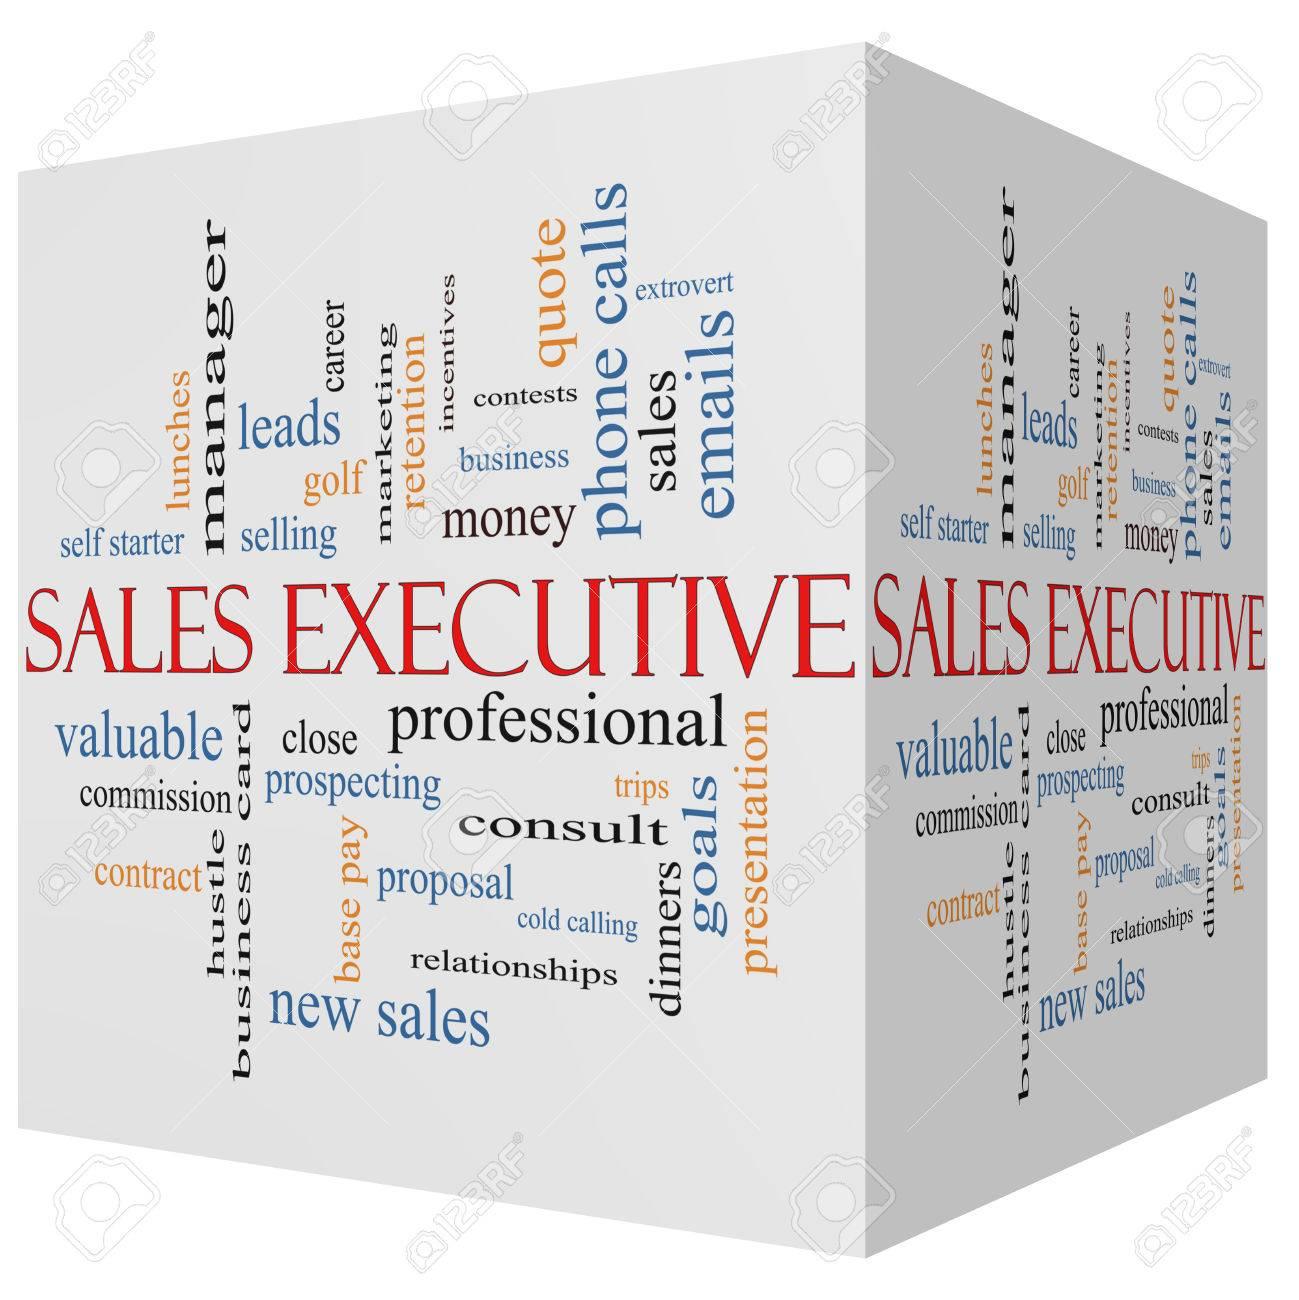 Sales Executive 3d Würfel Word Wolke Konzept Mit Großer Begriffe Wie